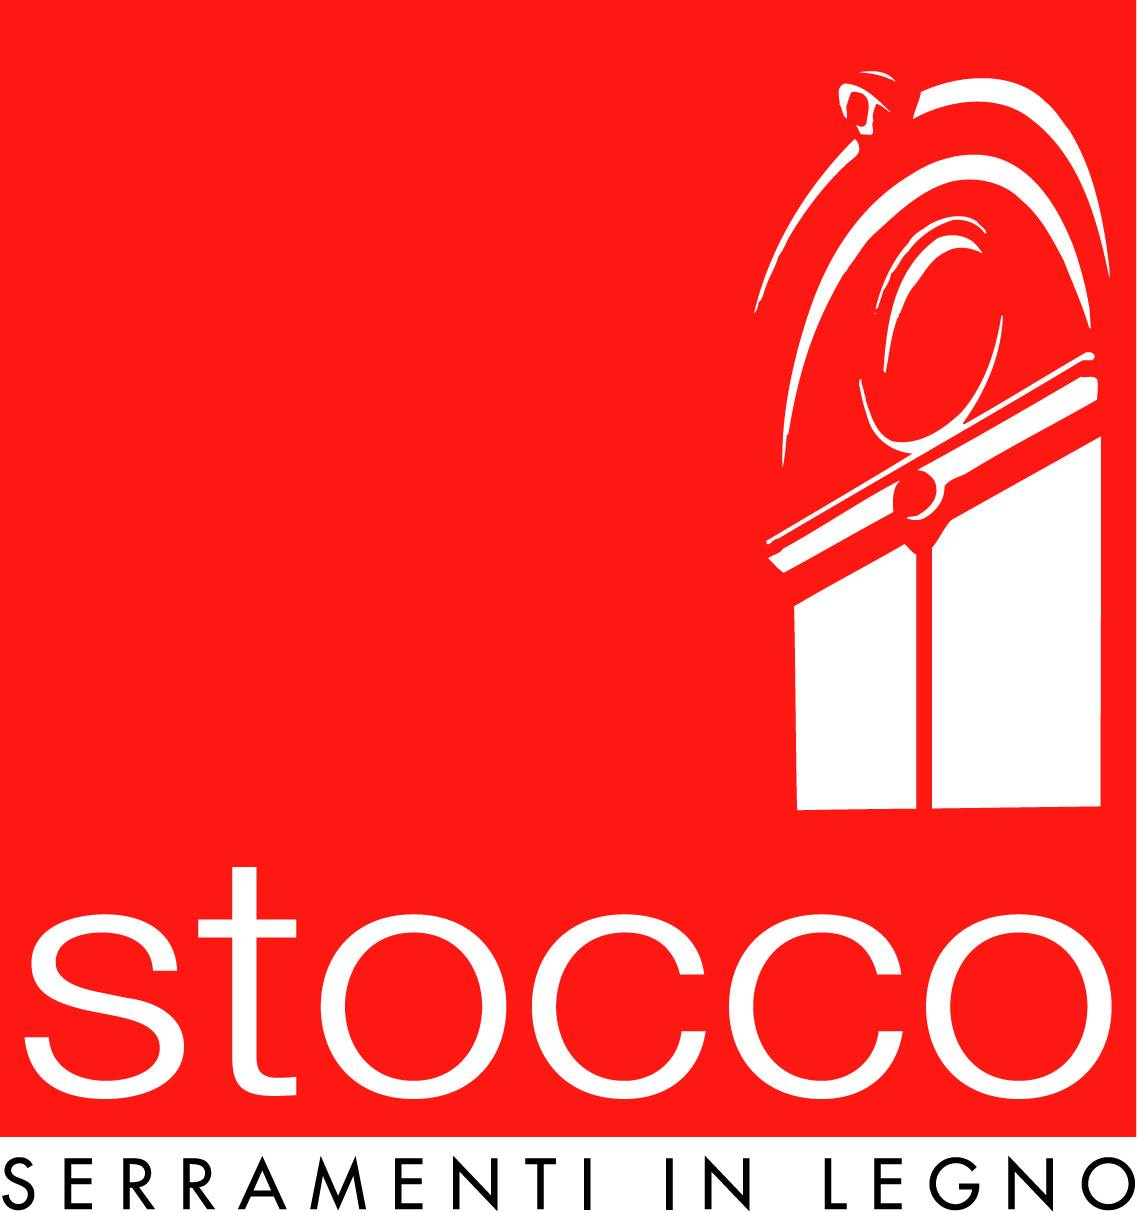 stocco_serrament